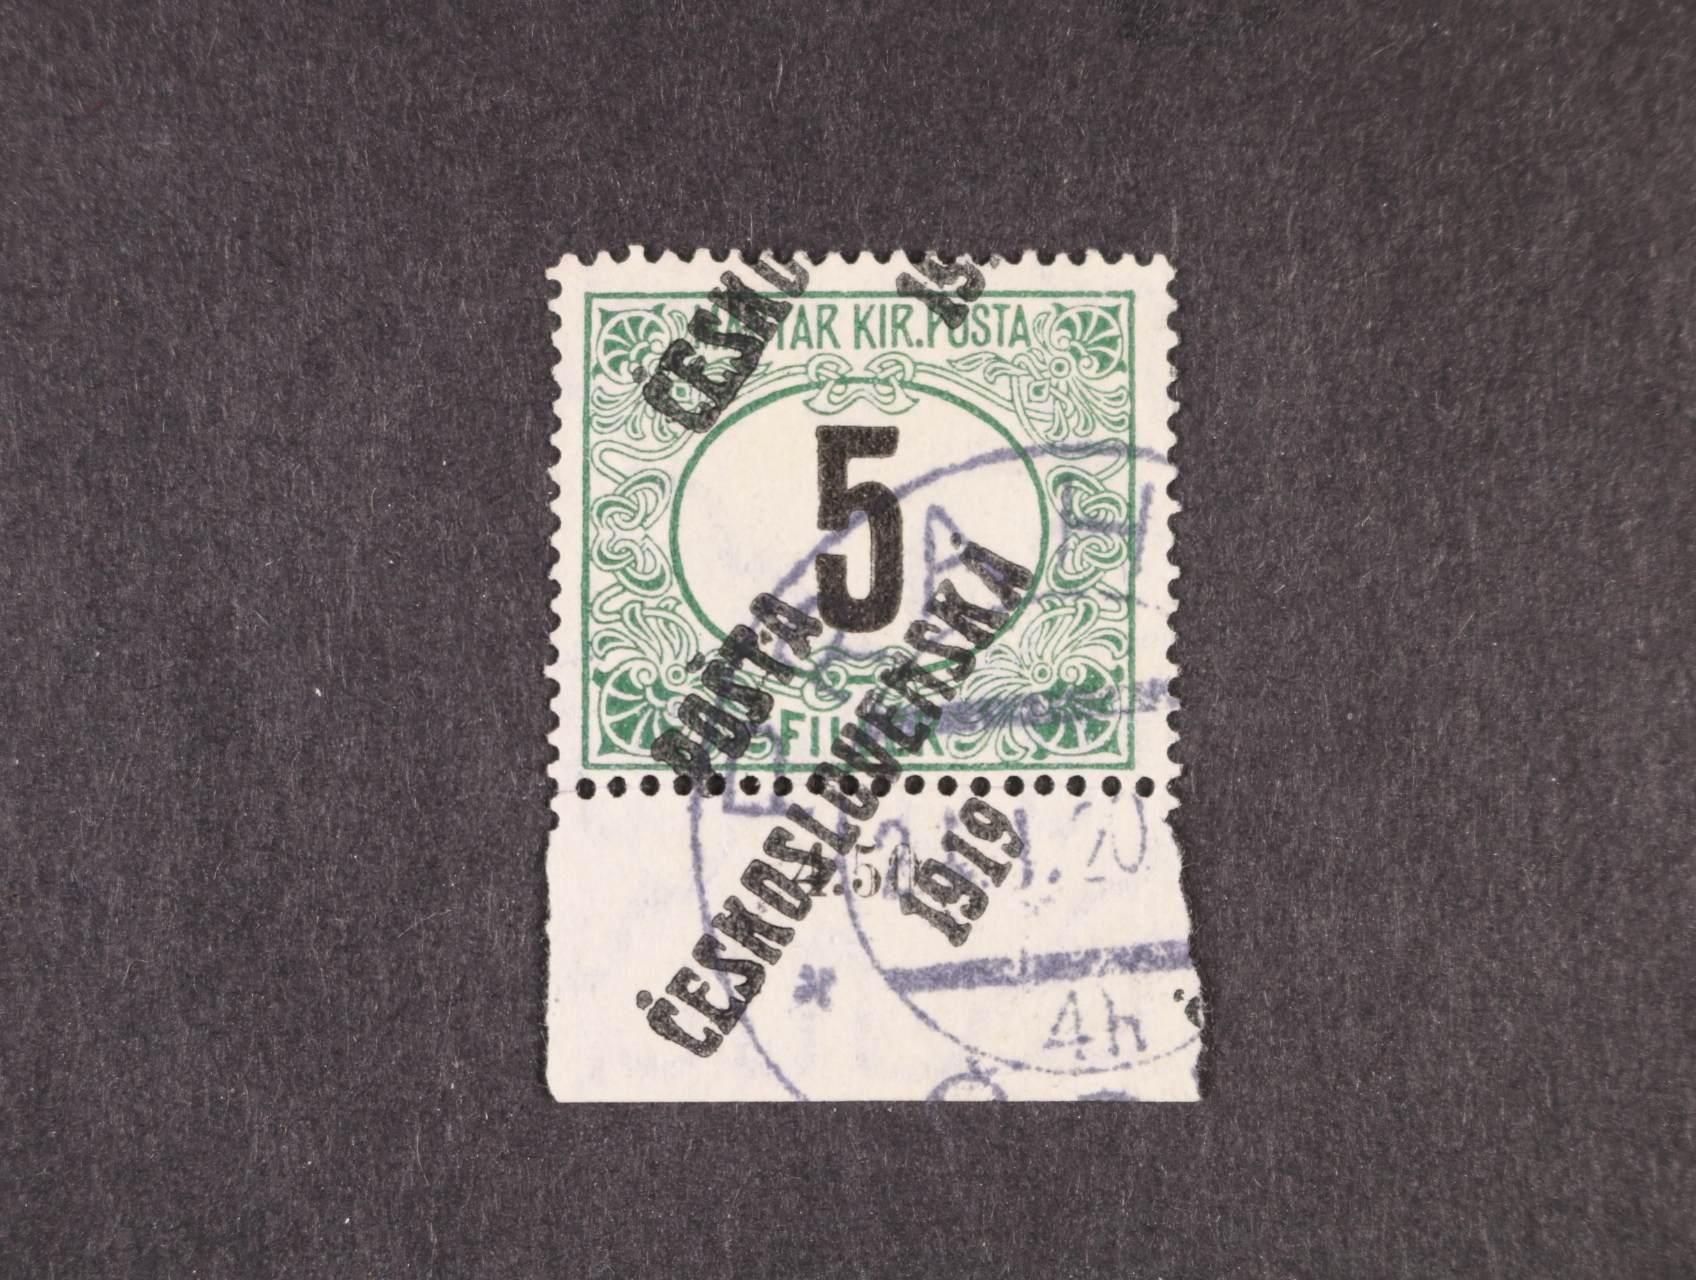 nevydané známky- 5fil. černé číslo s přetiskem F se spodním okrajem a silným posunem přetisku, zk. Lešetický, atest Möps, kat. Merkur 40000 Kč